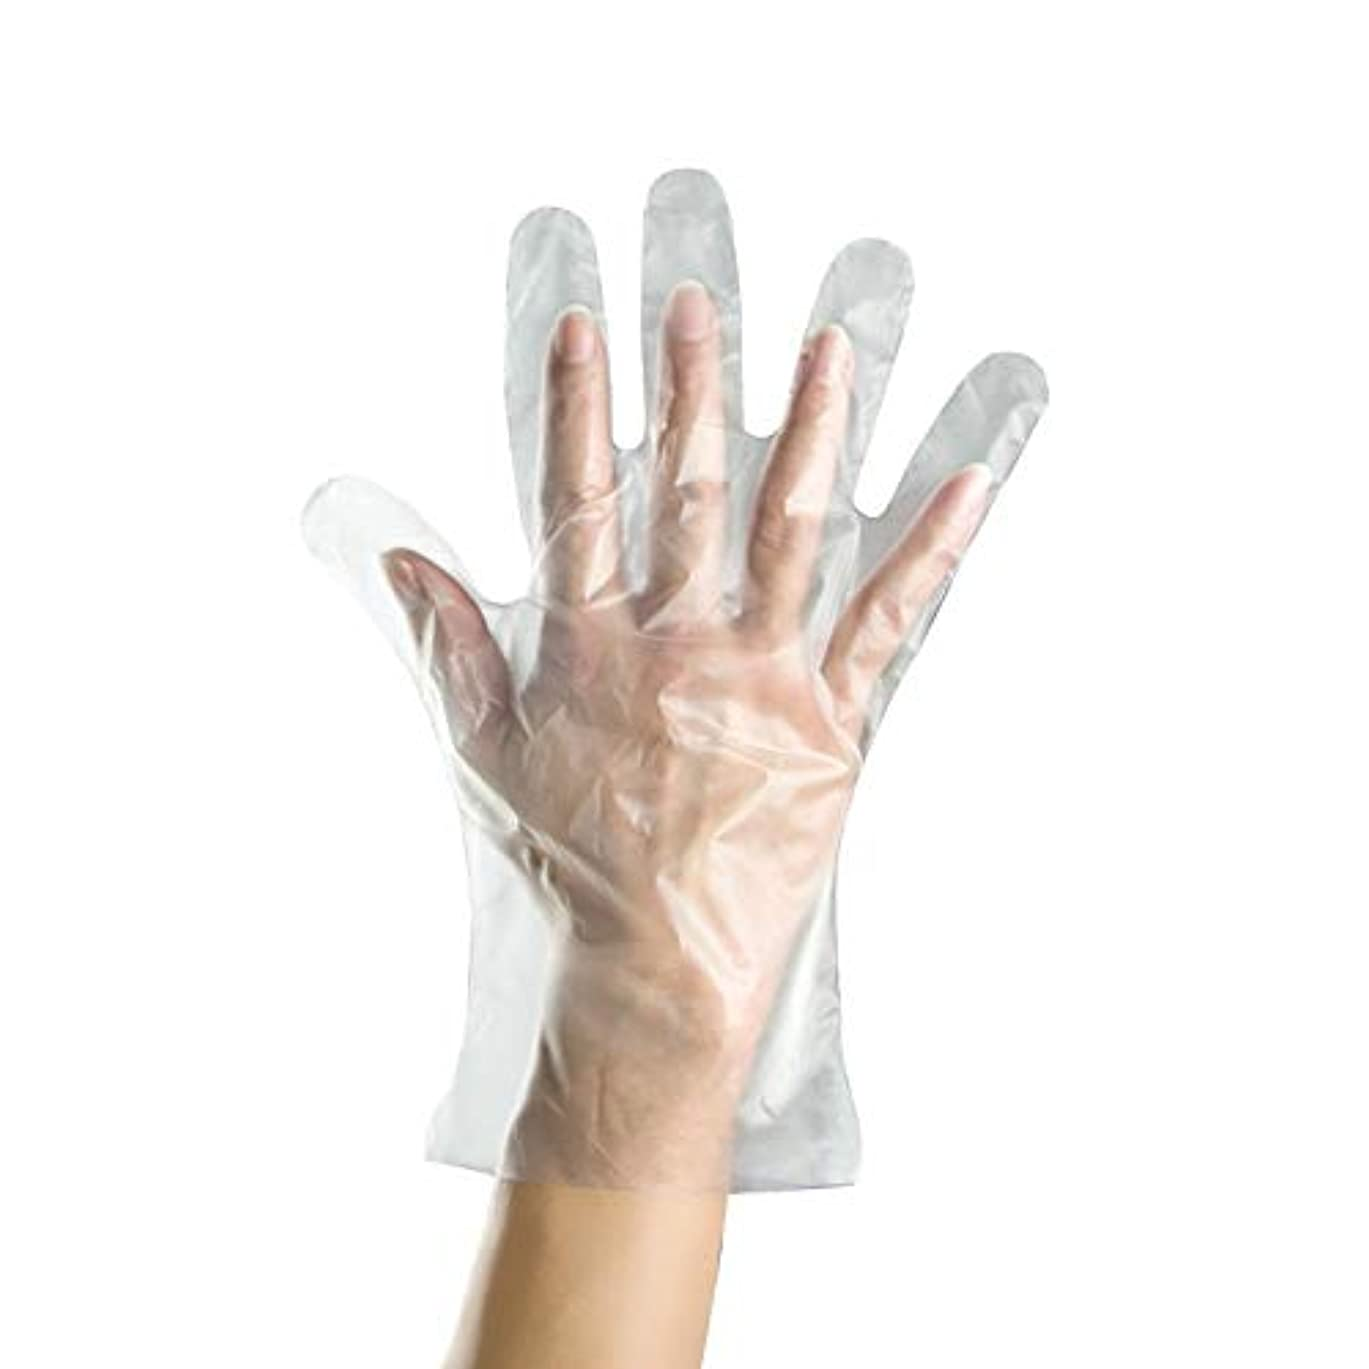 1000のみ使い捨てプラスチックPEフィルム手袋 - 医療、食品衛生、美容院、家庭用手袋などに適しています YANW